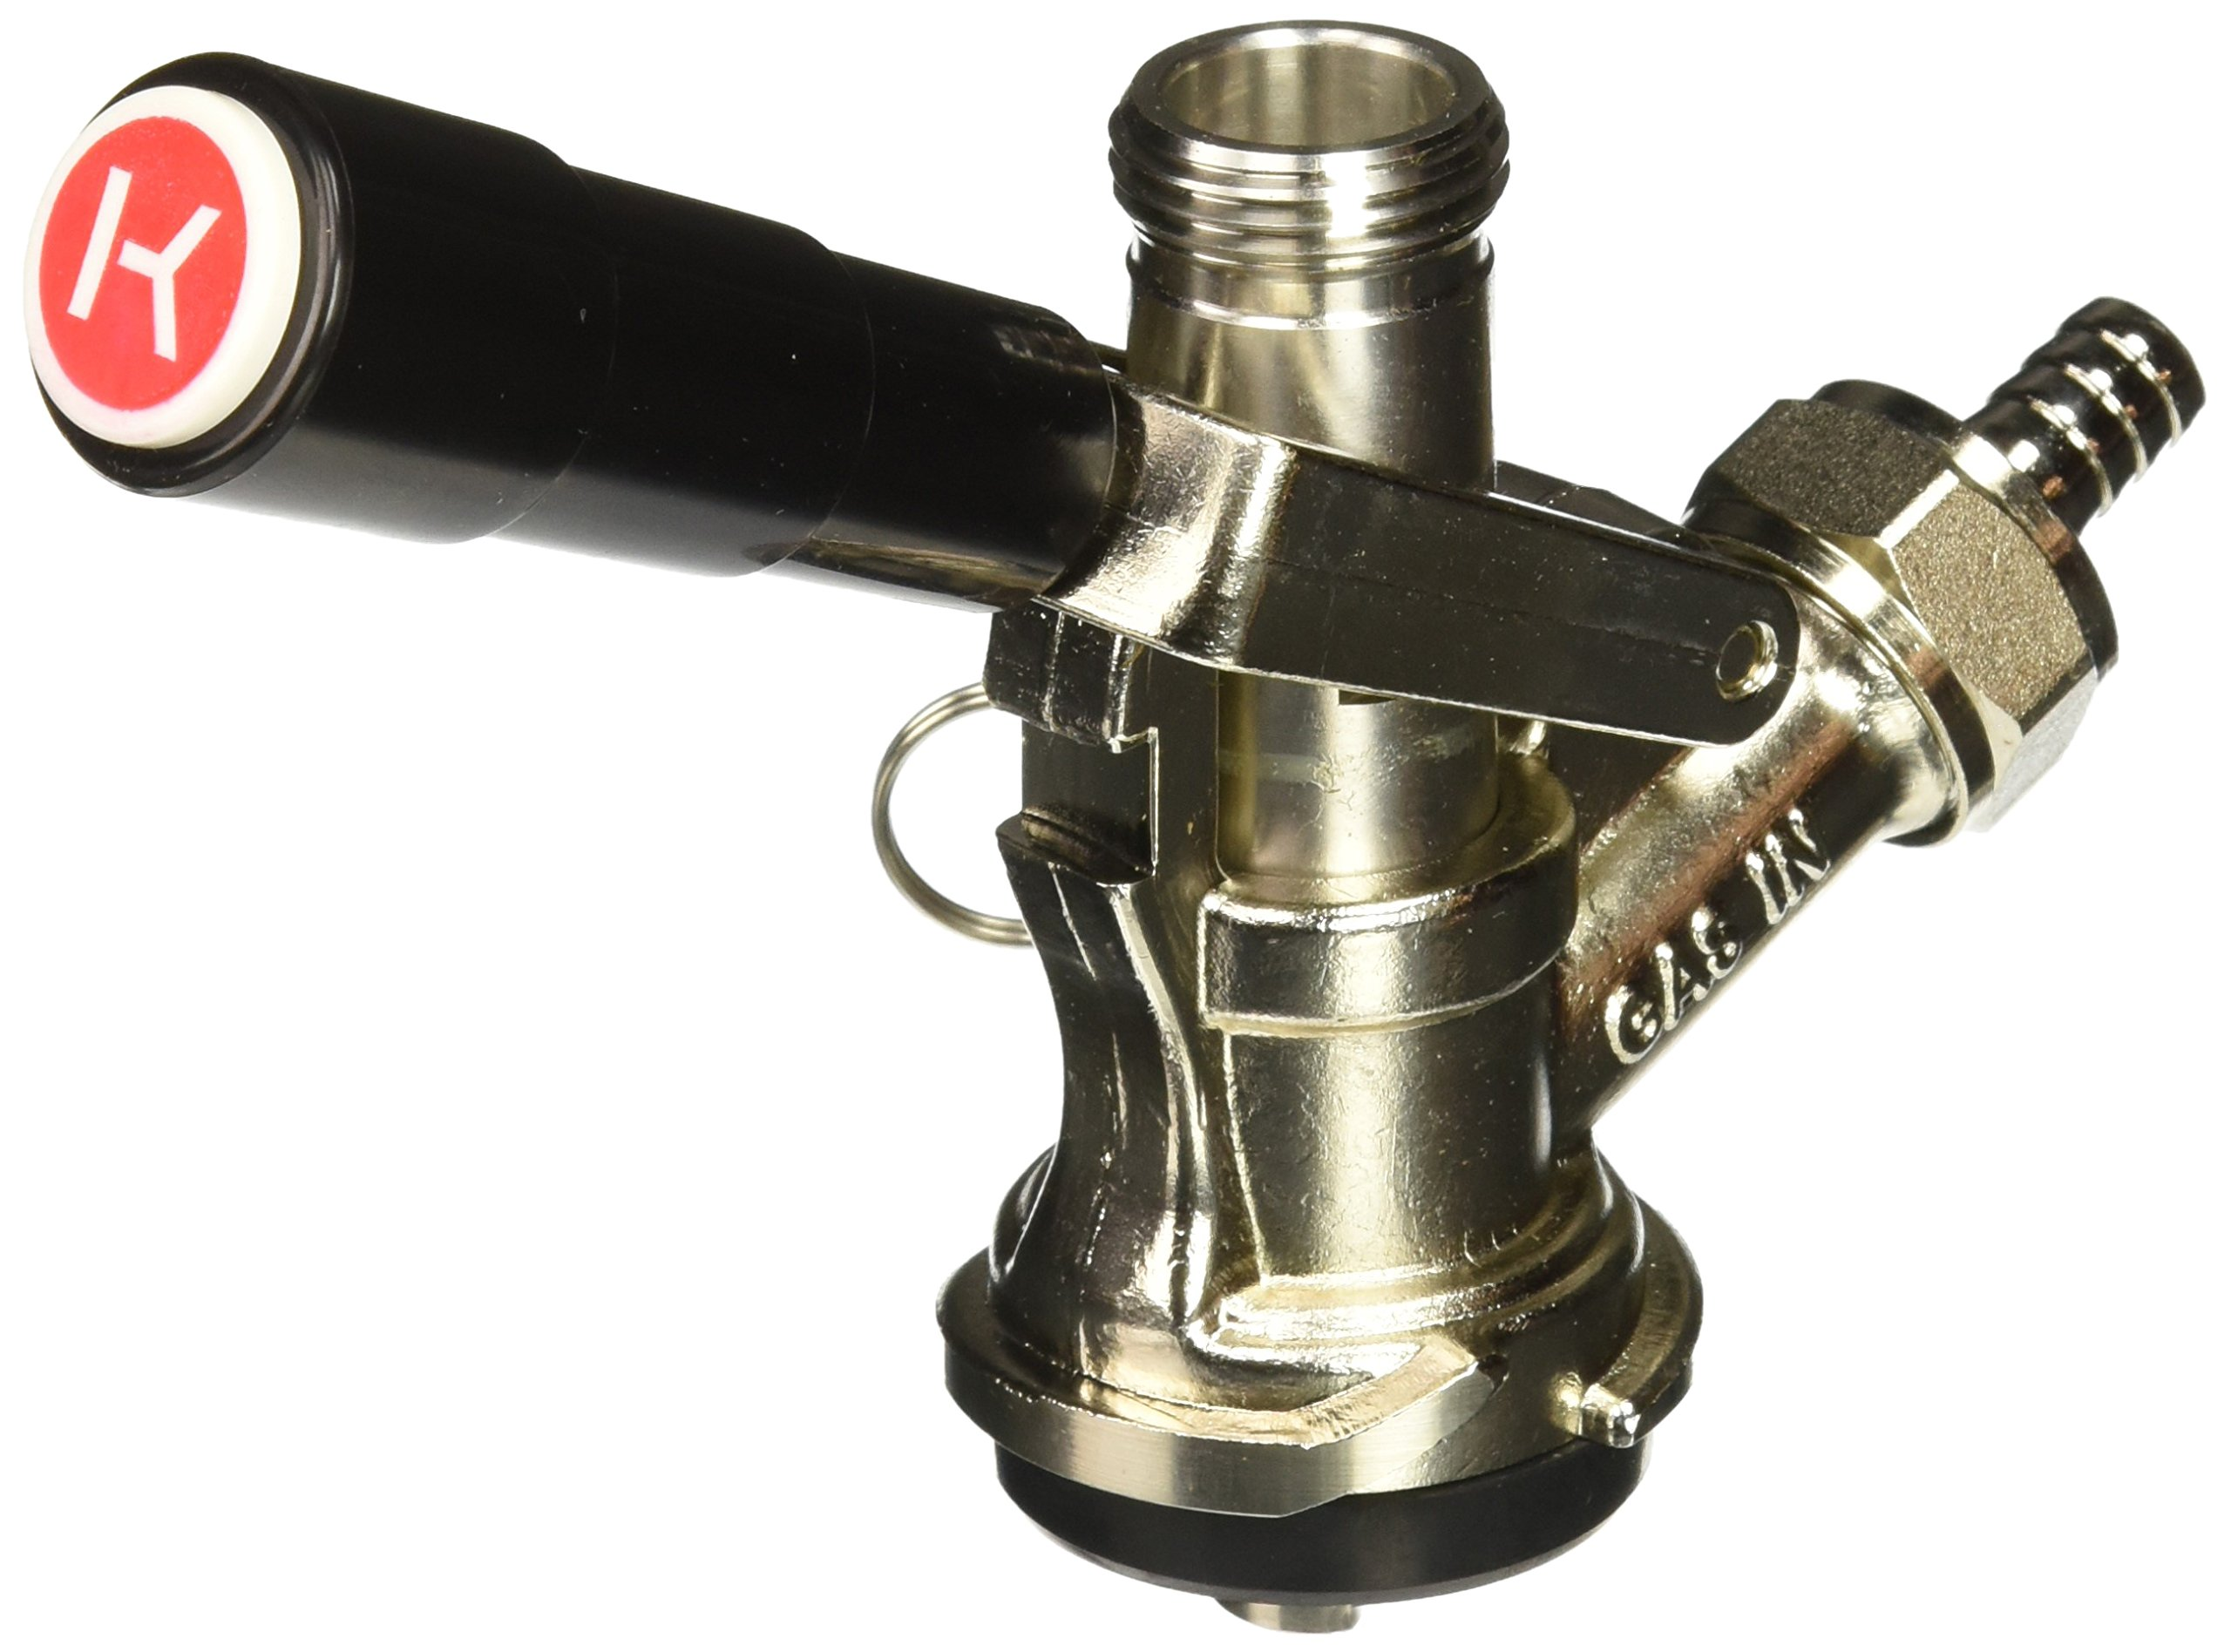 Kegco KC KT86S-L European Beer Keg Tap Coupler Kegerator S System with Lever Handle, Black